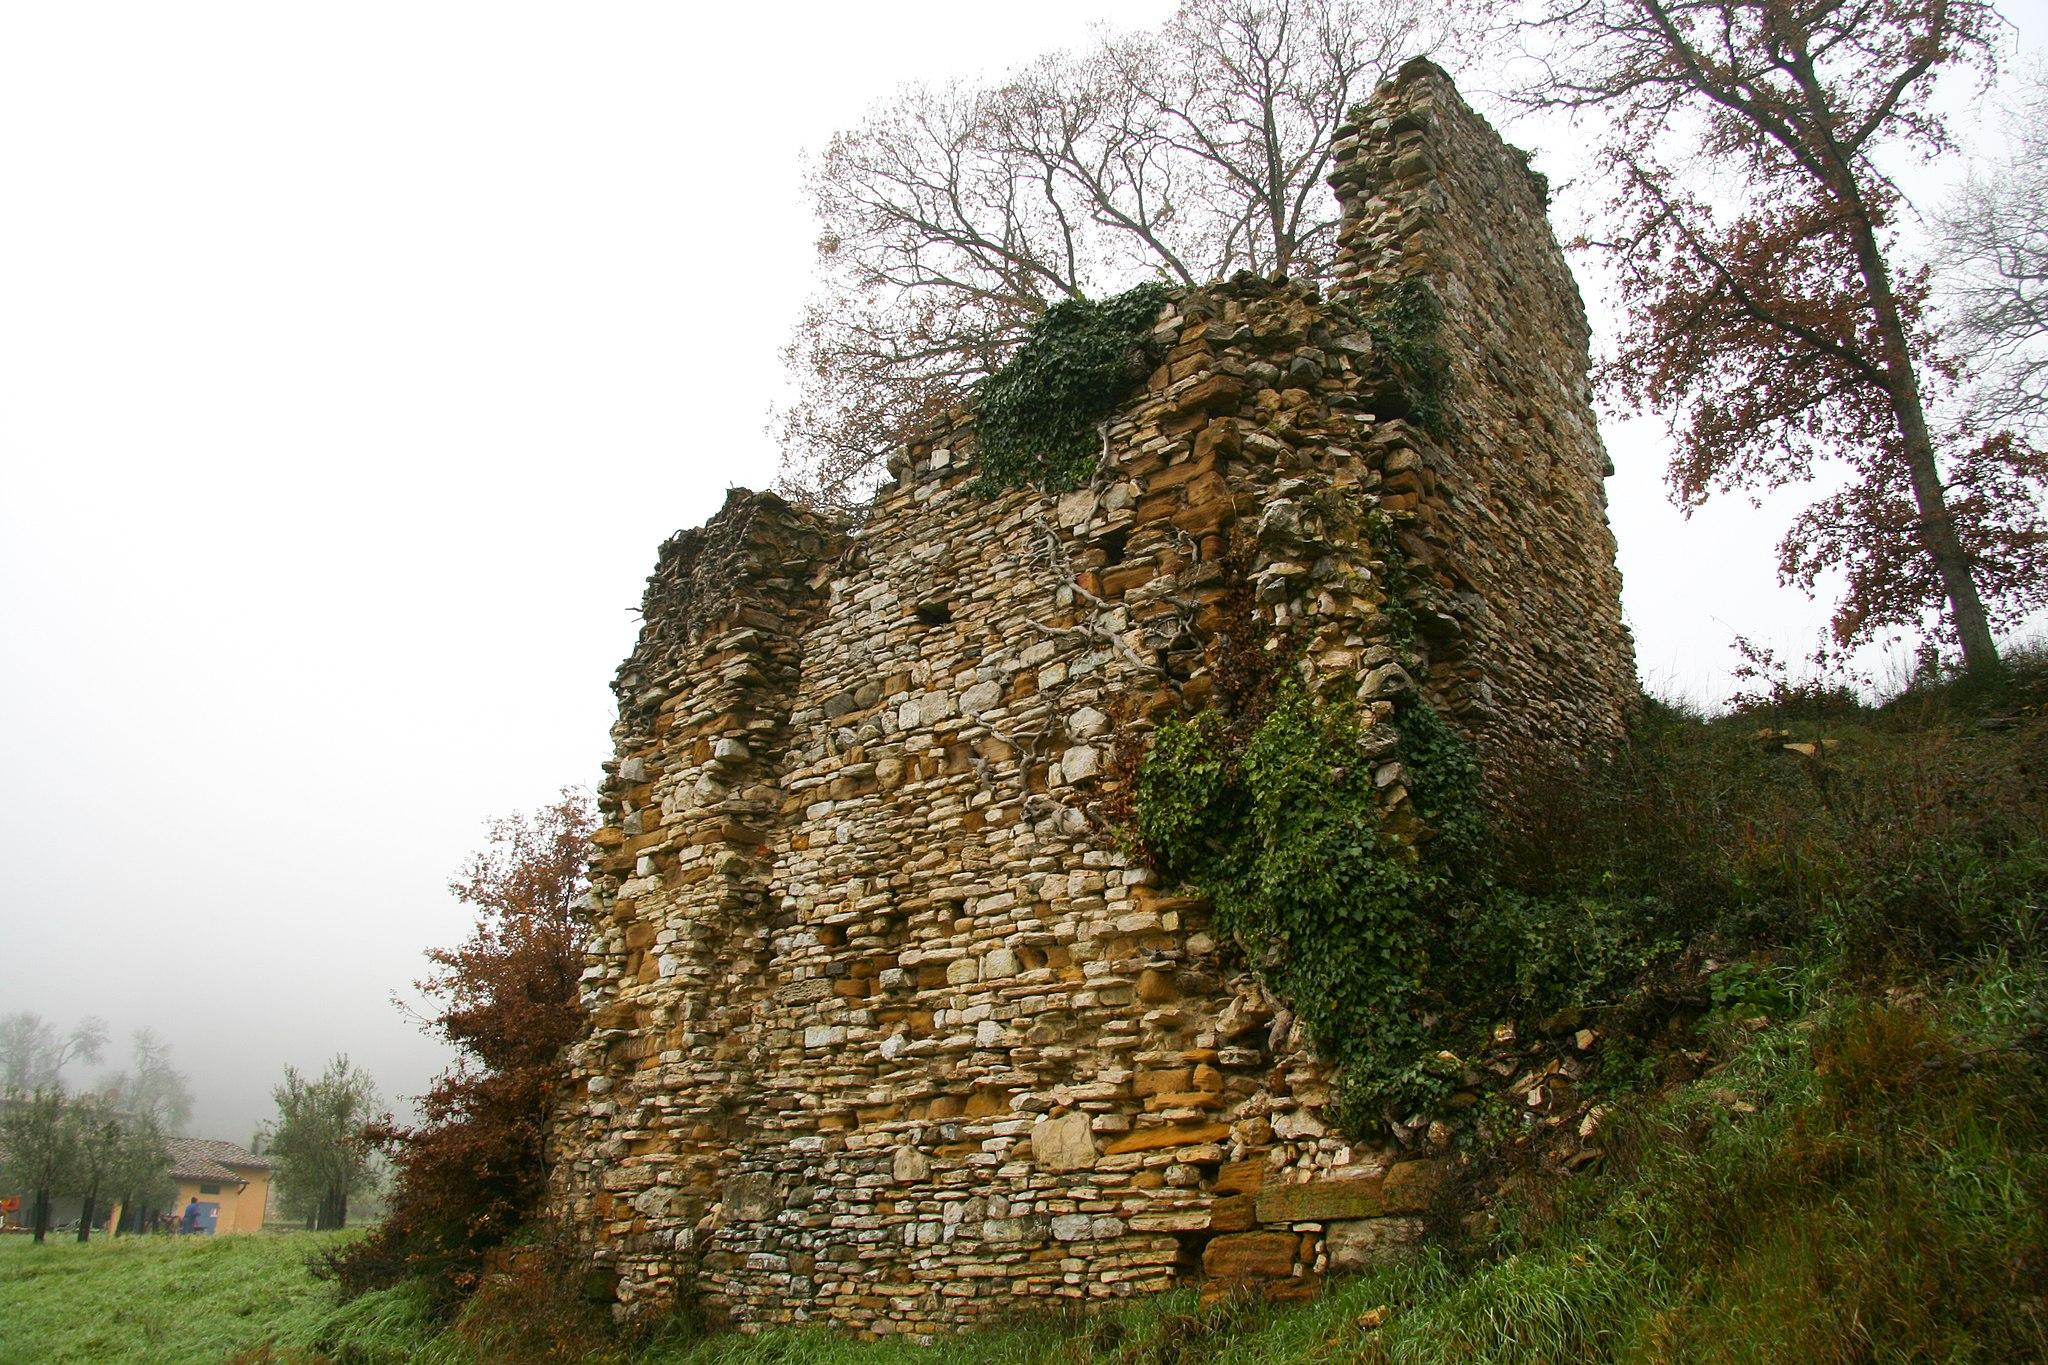 Ruderi del monastero di Santa Maria, Montefollonico. Mura di cinta del monastero, viste da ovest.